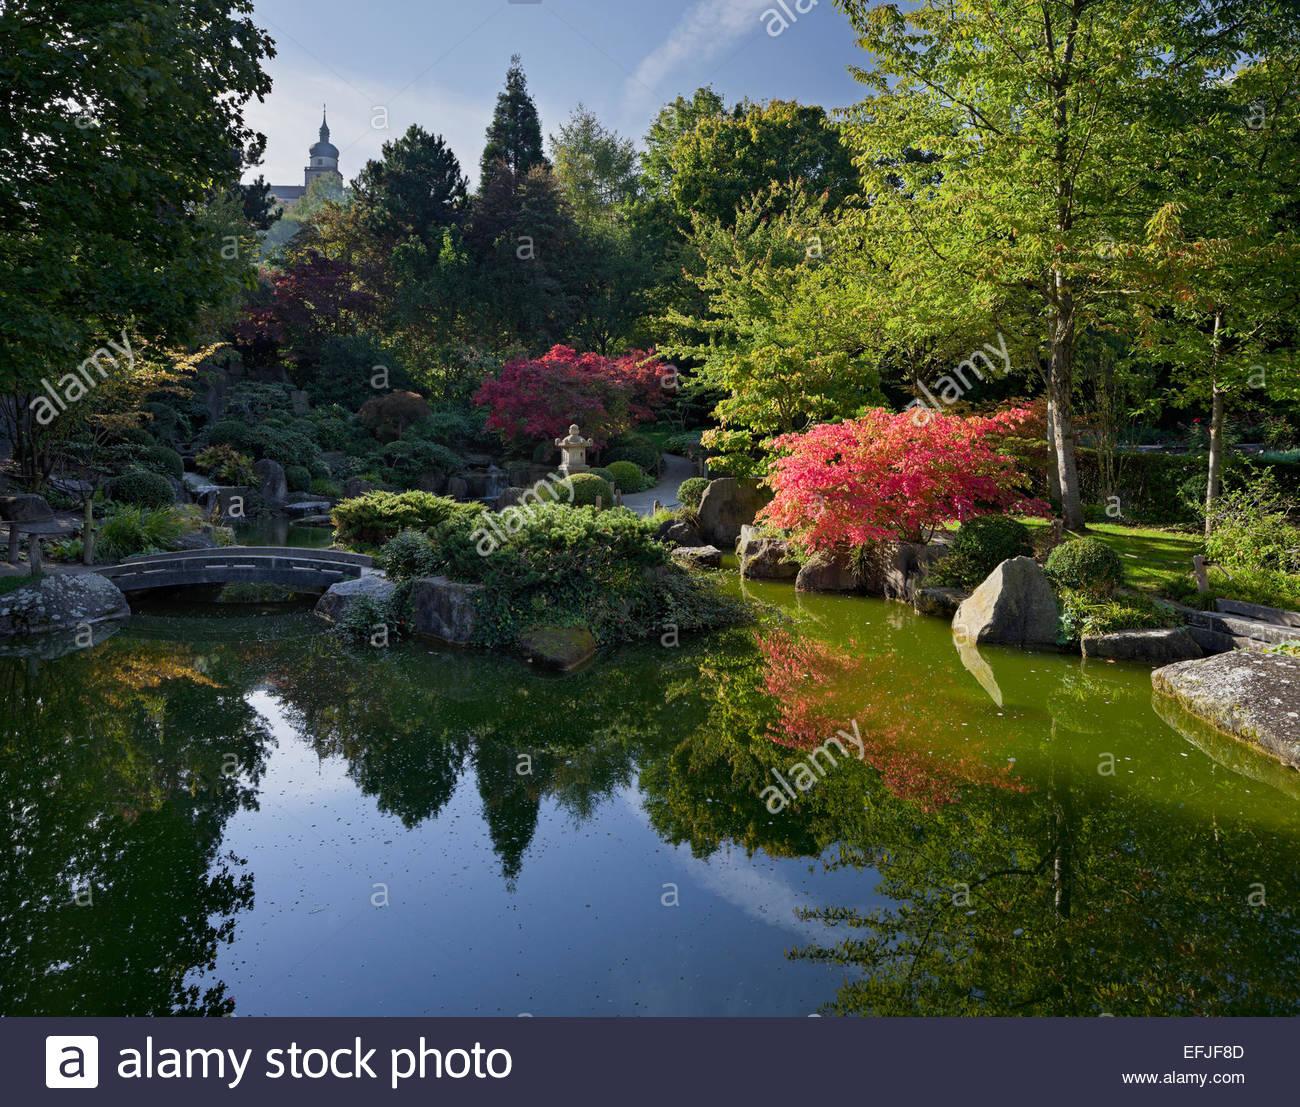 Jardín japonés con un estanque, Marienberg Fortress, Würzburg, Baviera, Alemania Foto de stock